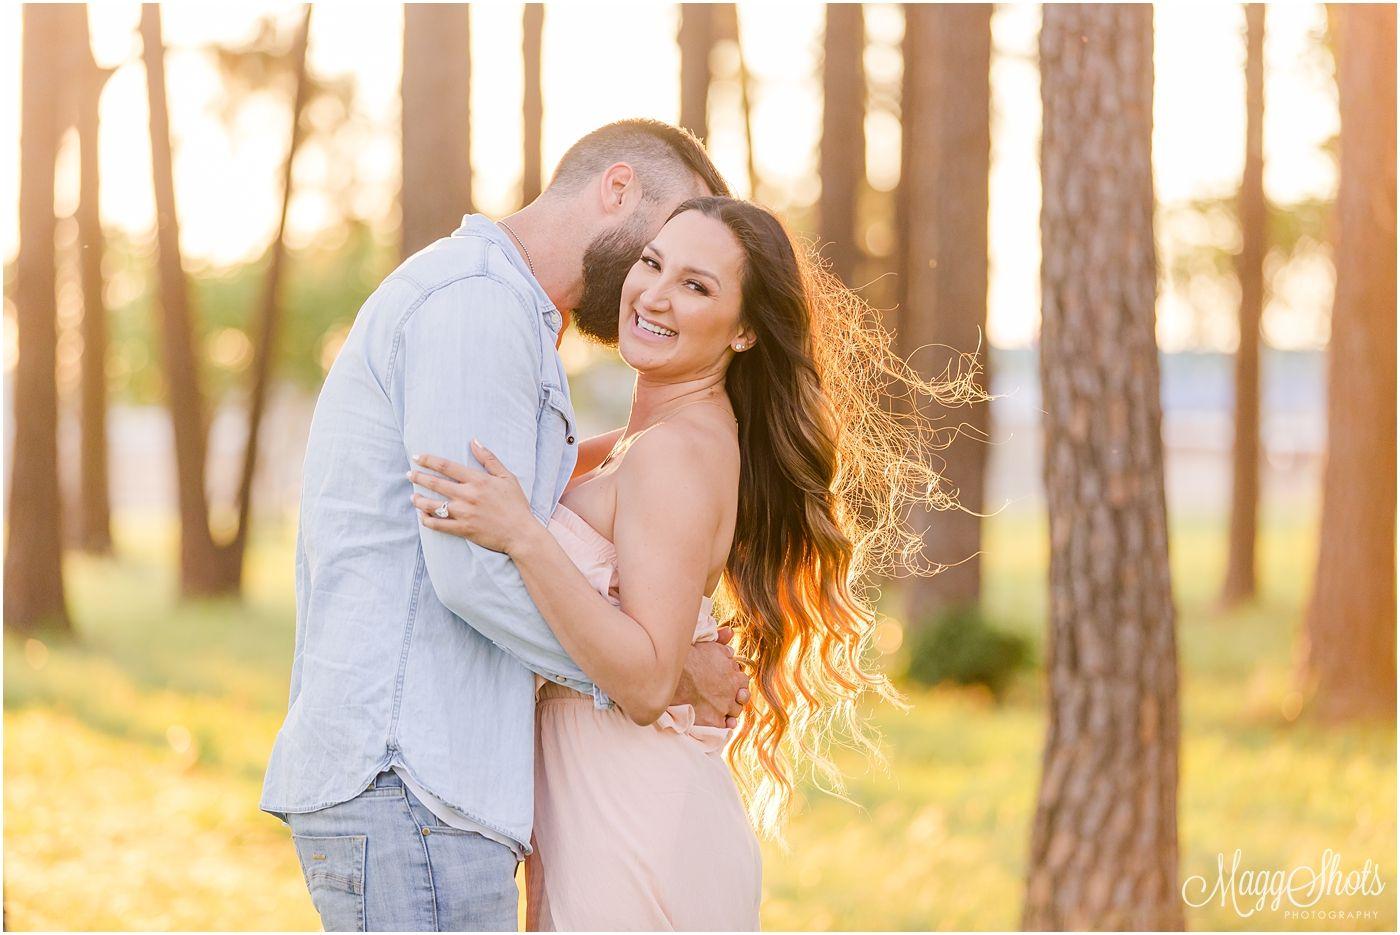 Gratis kristen singler dating Australia